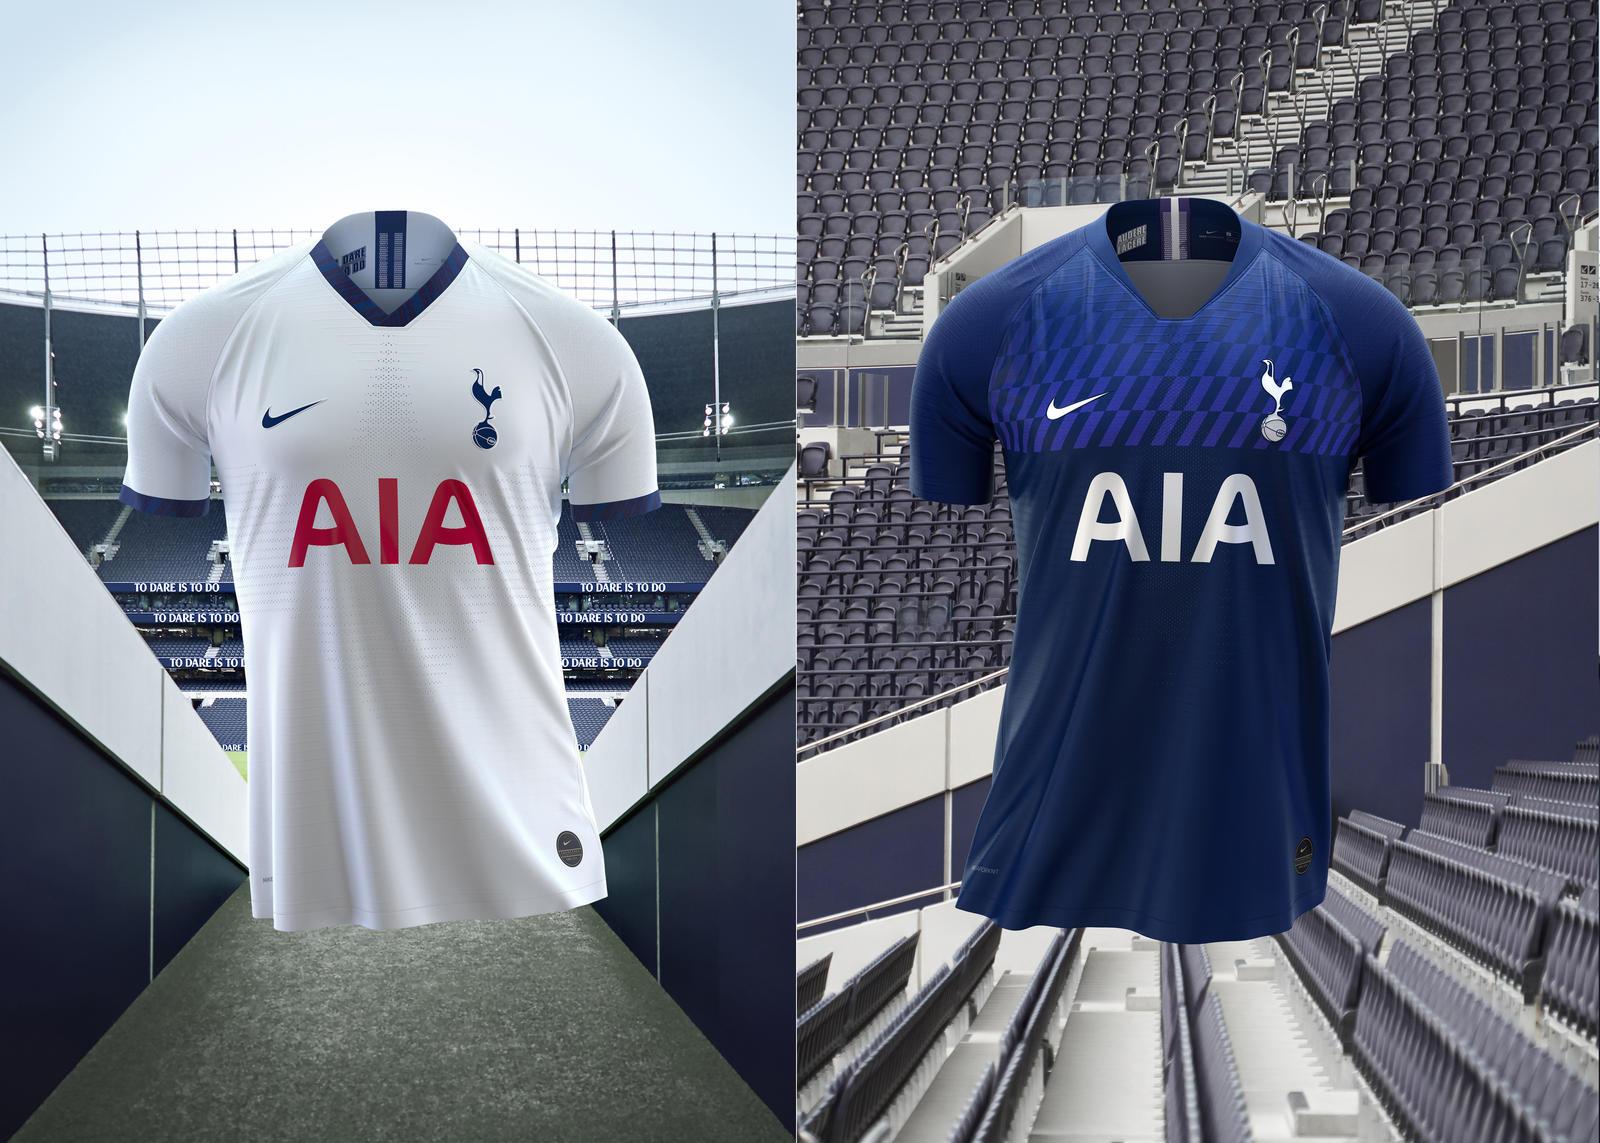 Tottenham-Hotspur-Home-Away-Football-Jersey-Nike-News-1_89143